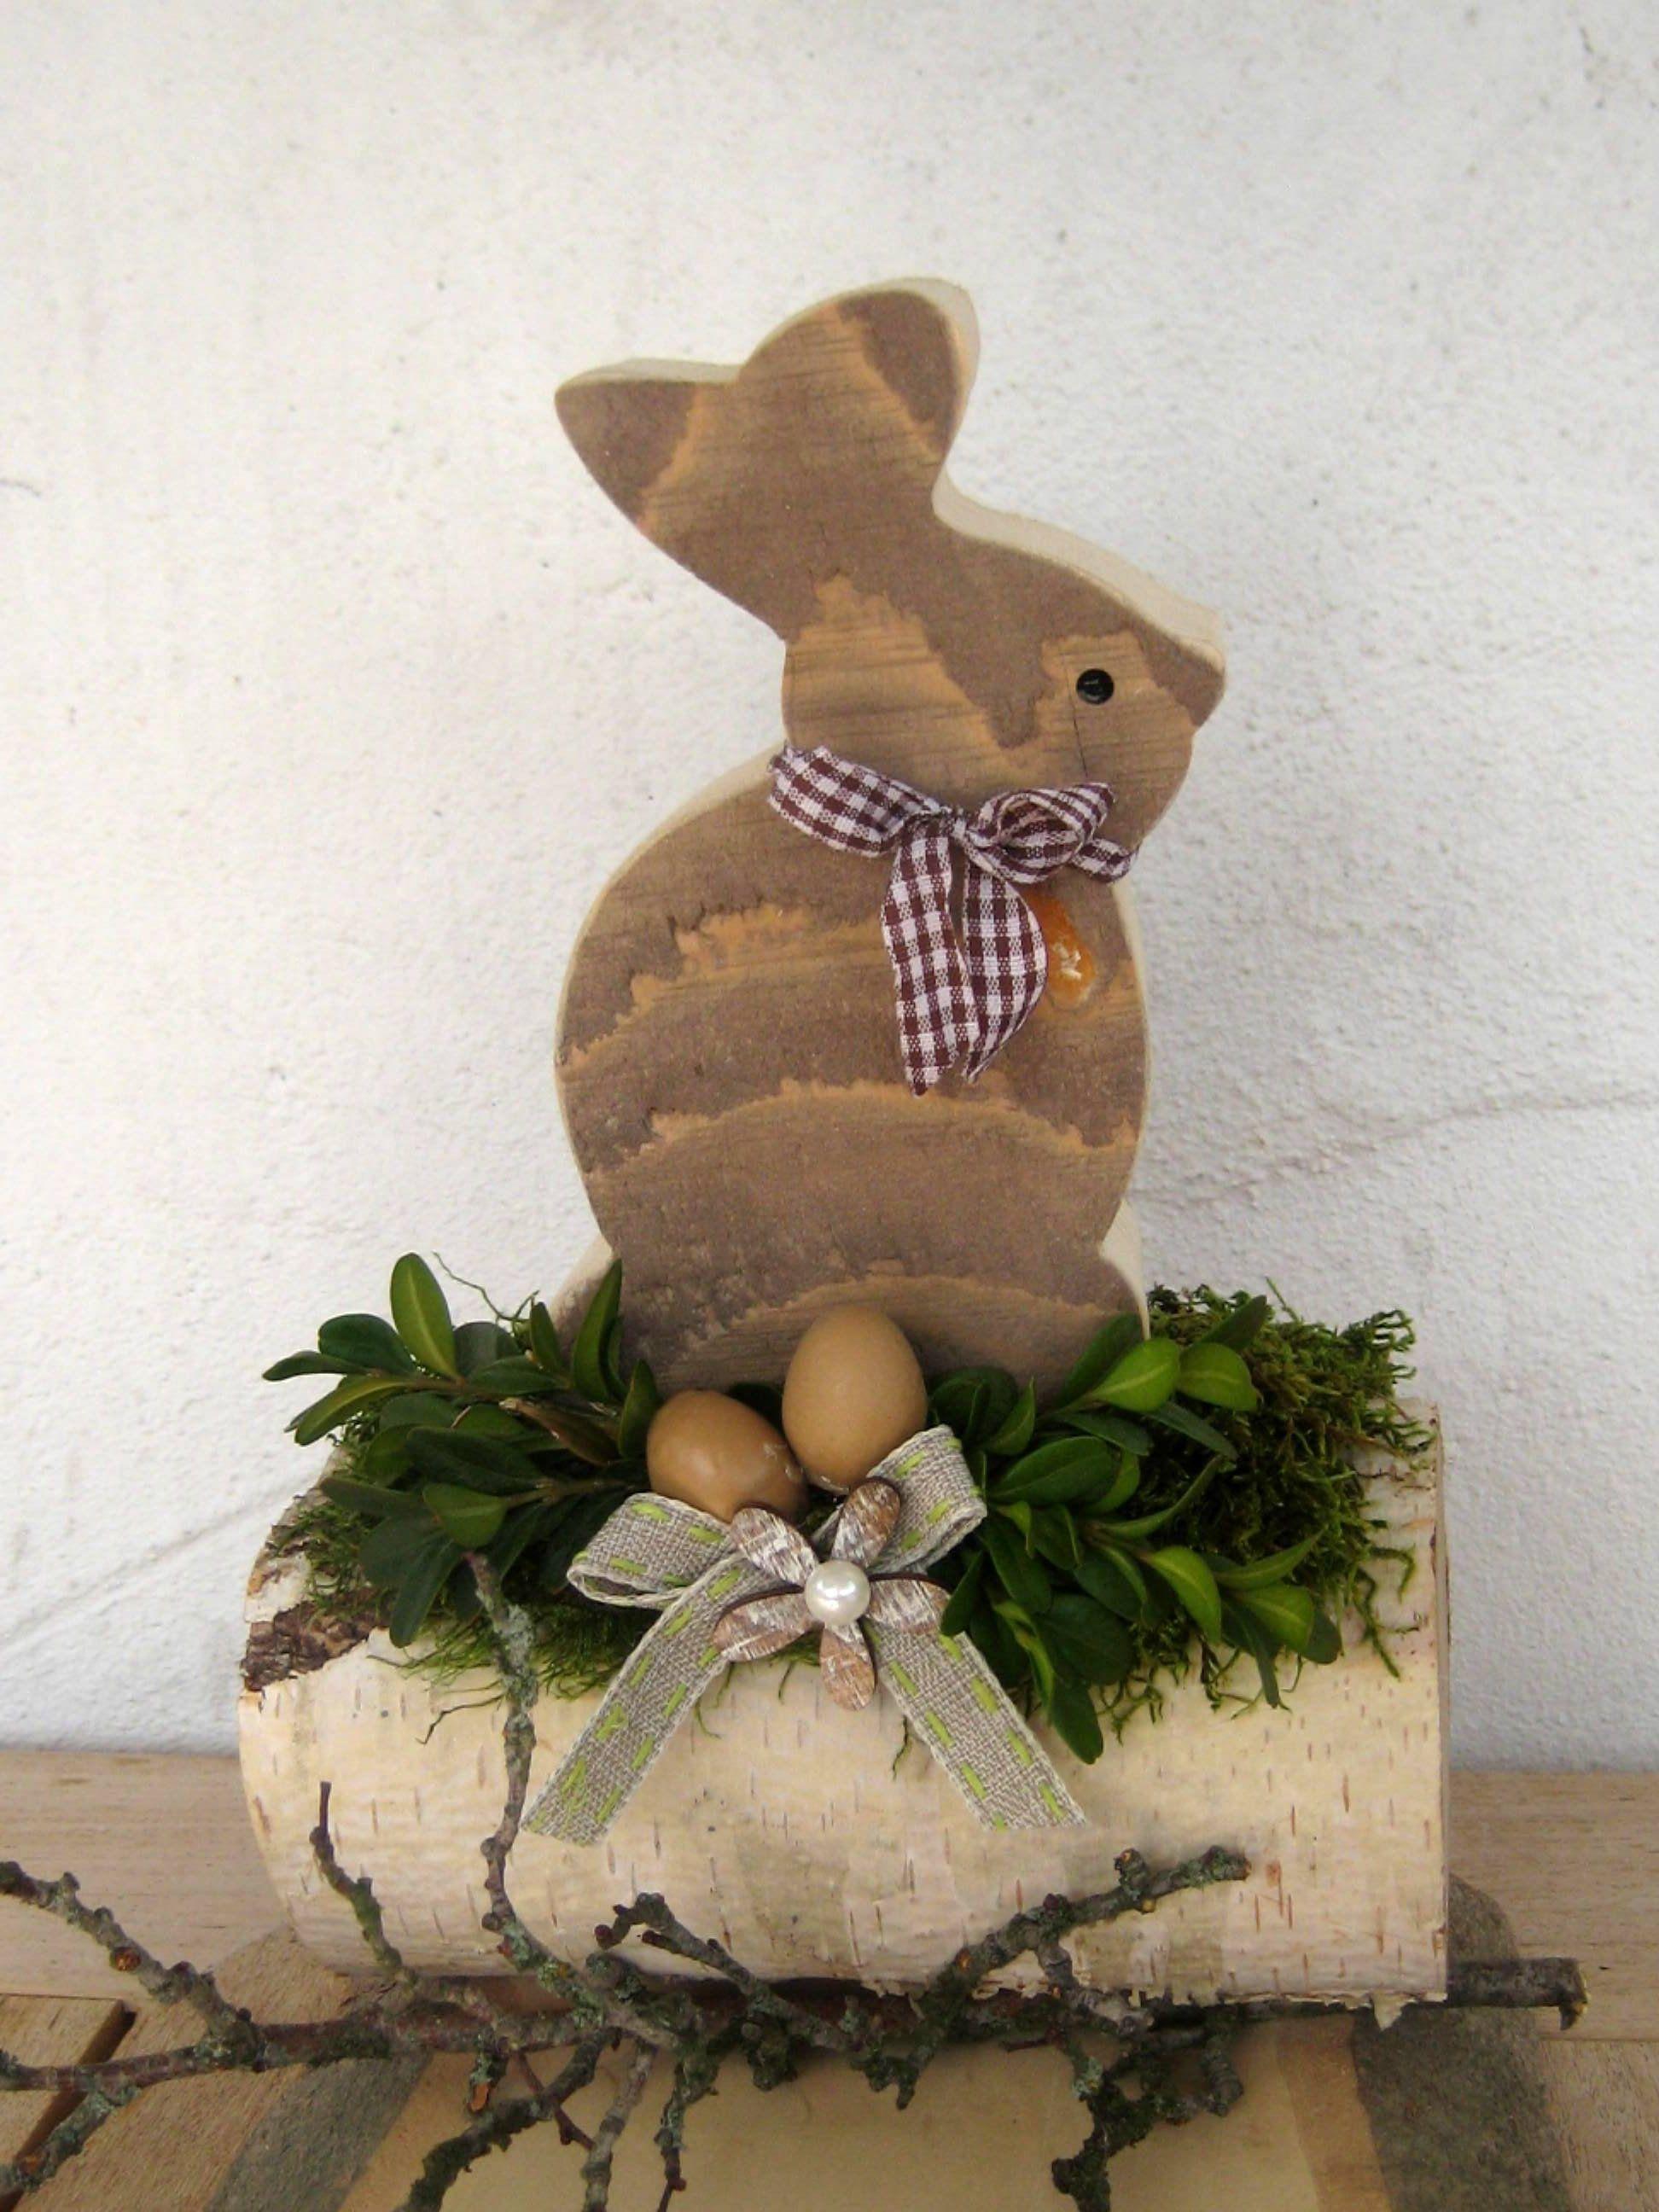 Dein Marktplatz Um Handgemachtes Zu Kaufen Und Verkaufen In 2020 Christmas Crafts For Kids Christmas Crafts Easter Decorations